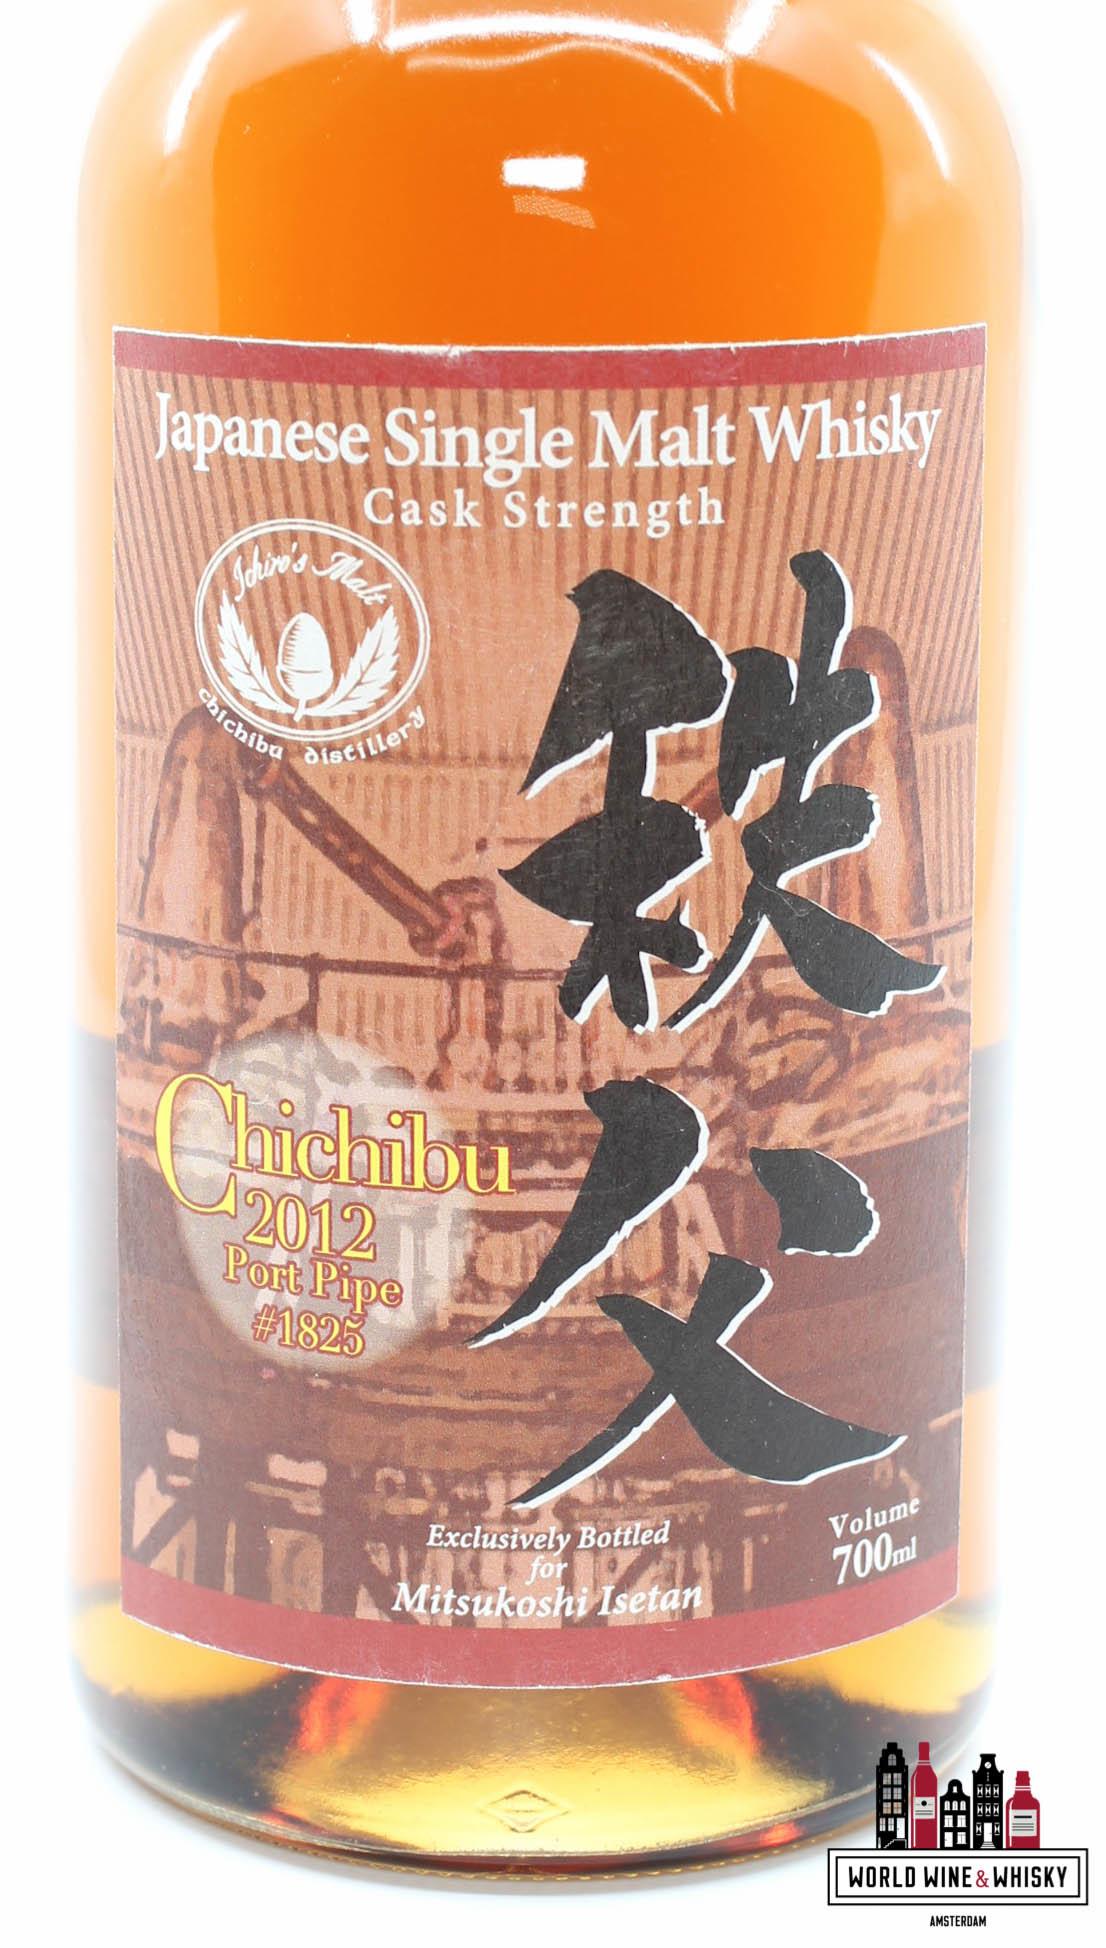 Chichibu Chichibu 2012 - Port Pipe Cask 1825 - Ichiro's Malt - Mitsukoshi Isetan 59% (1 of 300)